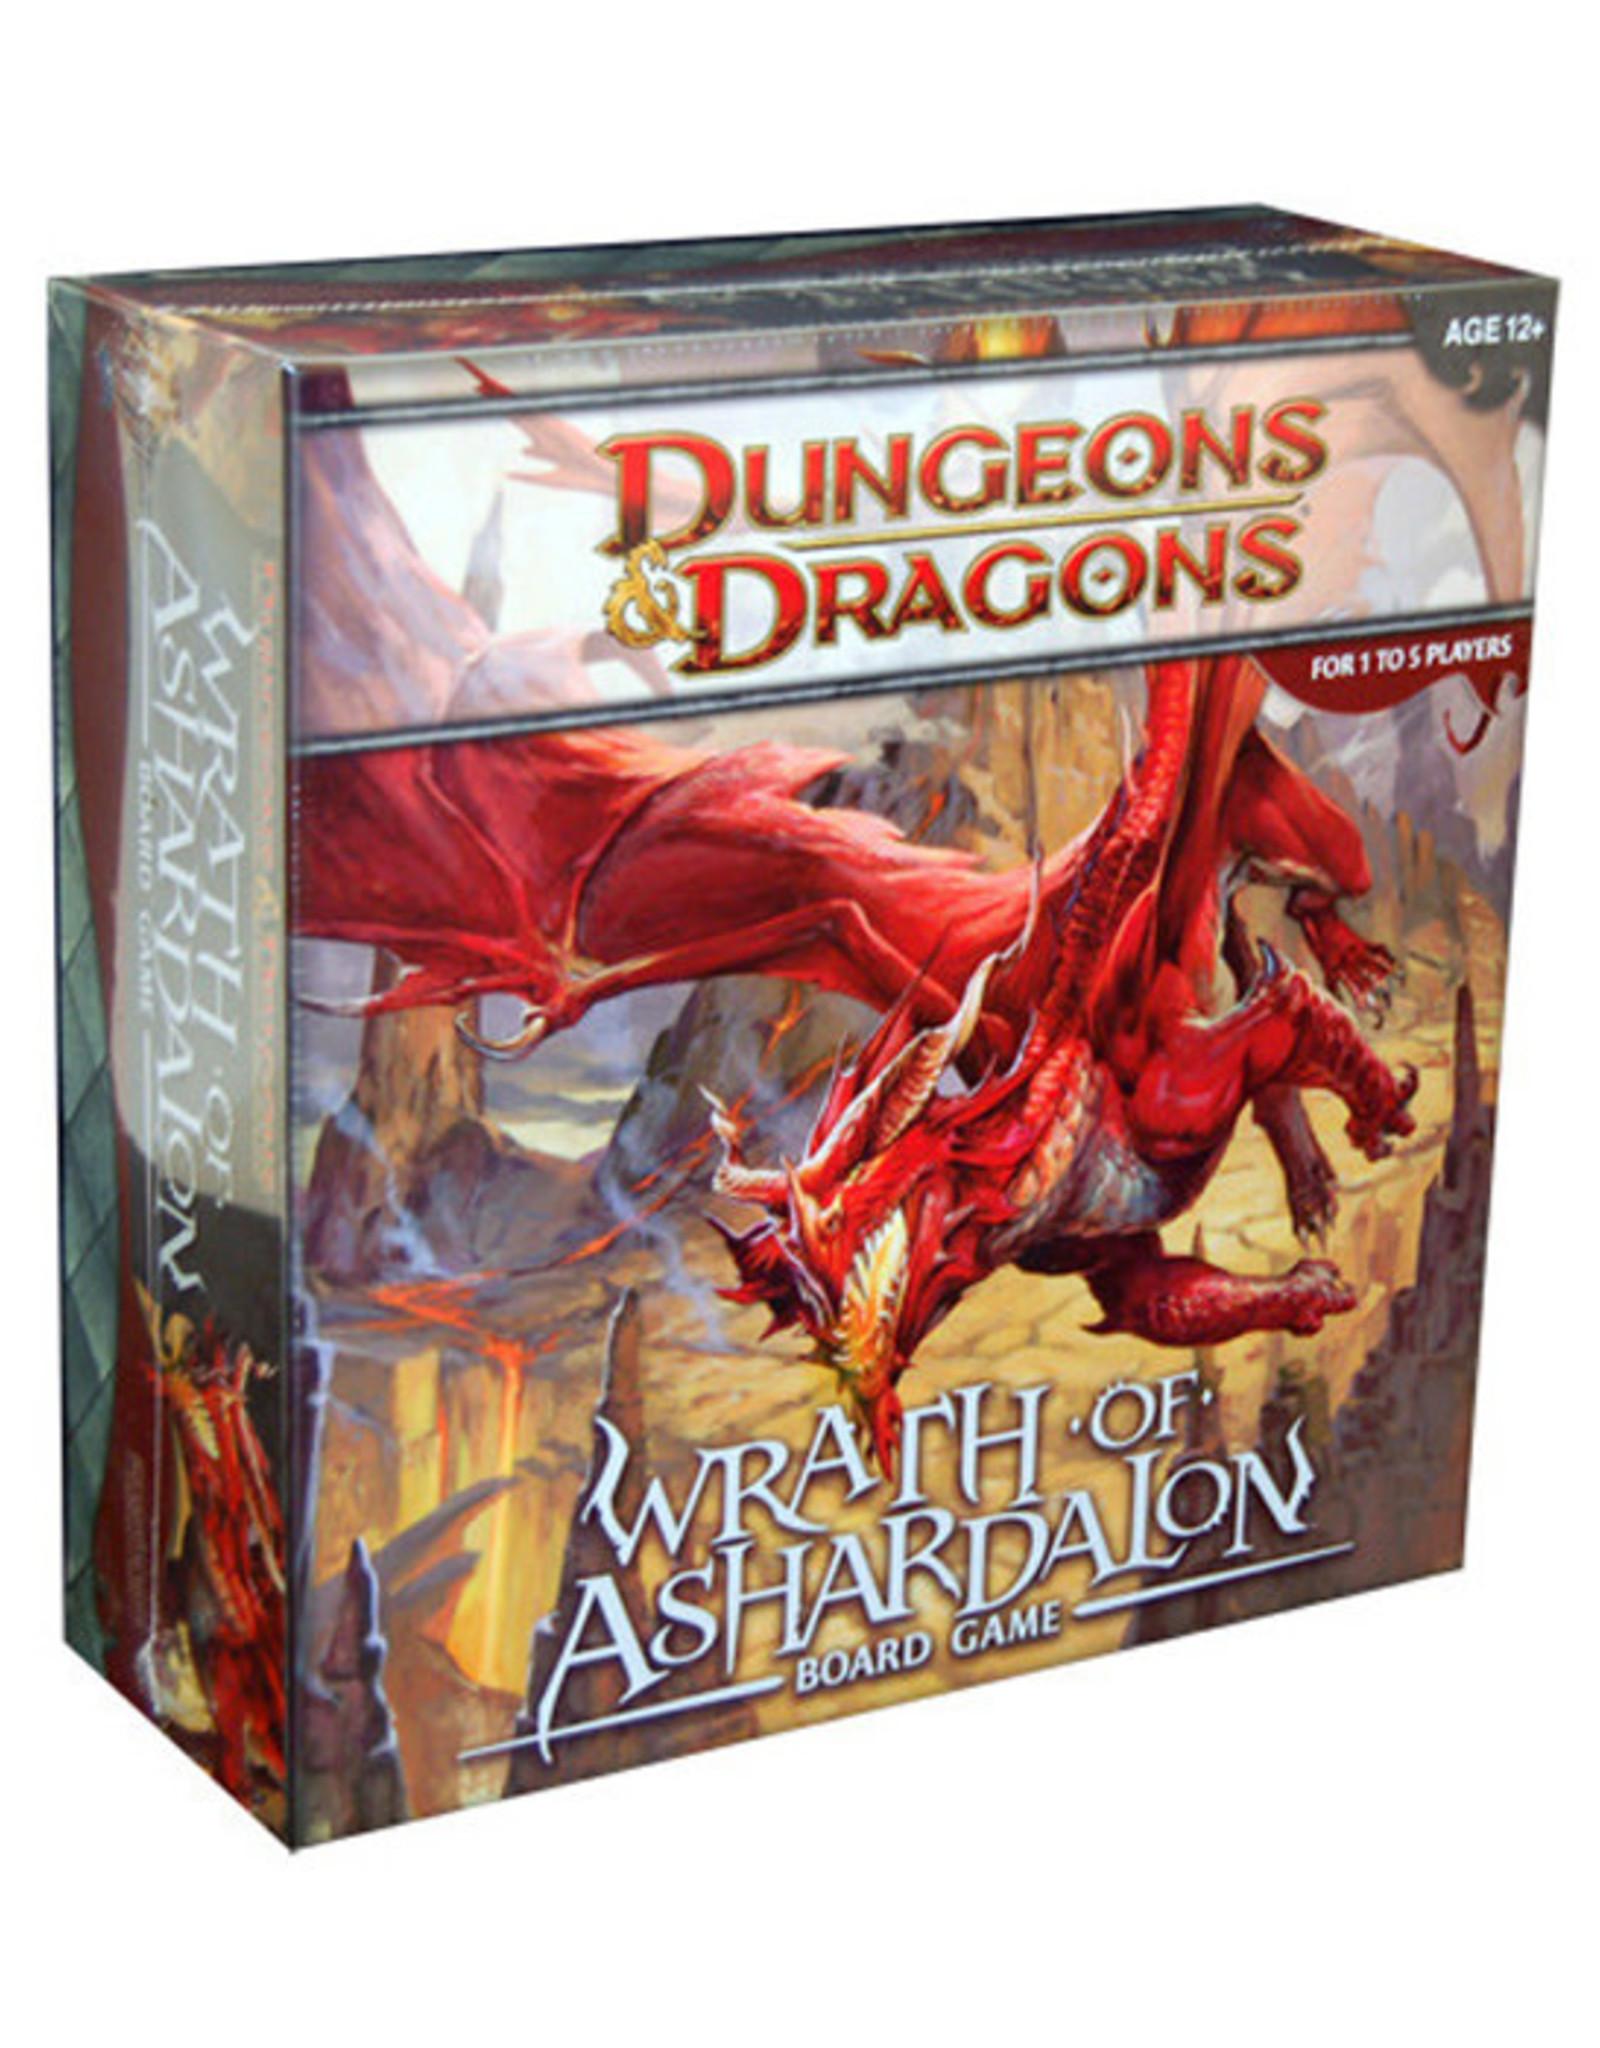 Dungeons & Dragons Dungeons & Dragons: Wrath of Ashardalon Board Game